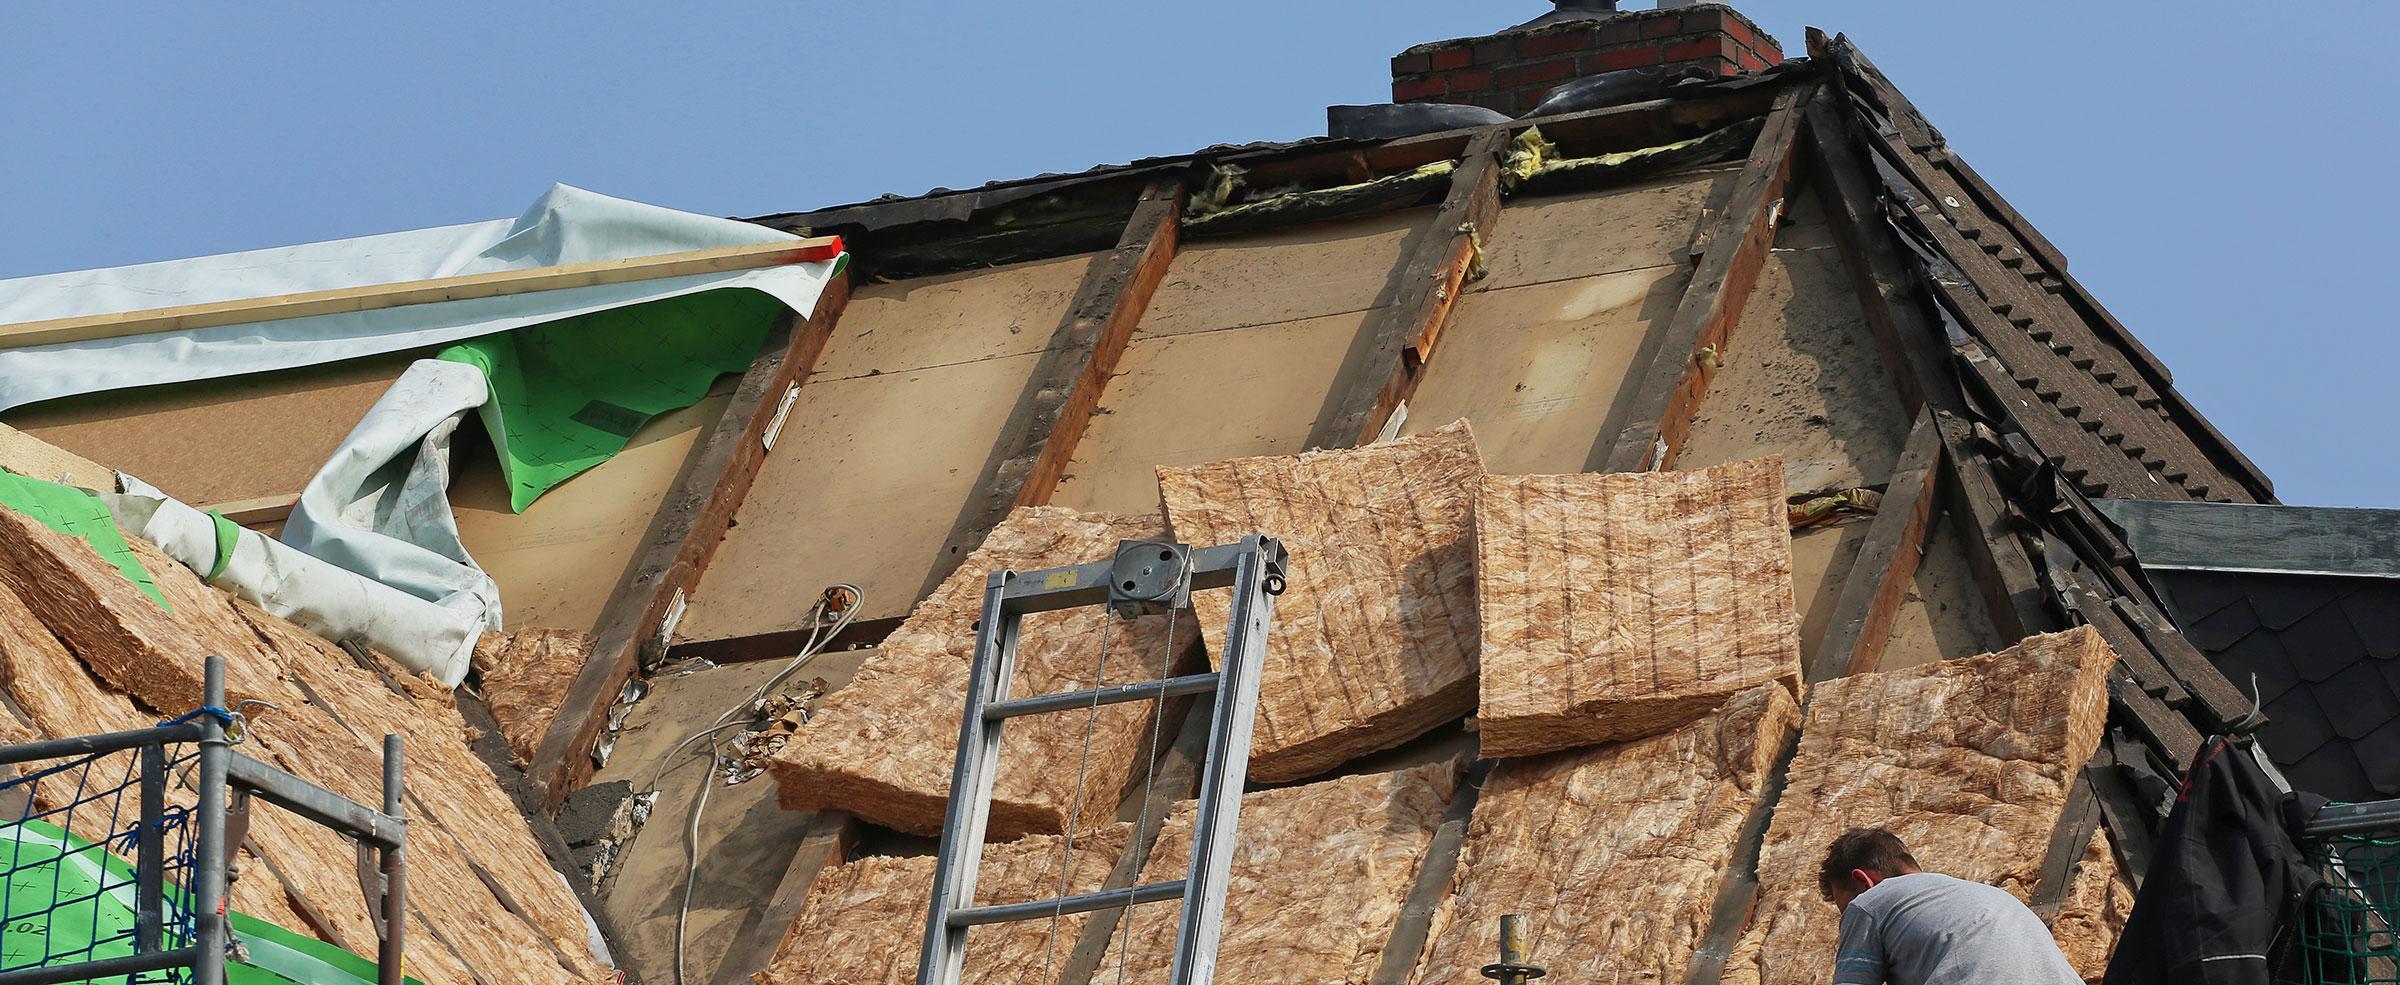 Energetische Sanierung Denkmalschutz, Energetische Sanierung, Sanierung von denkmalgeschützten Gebäuden